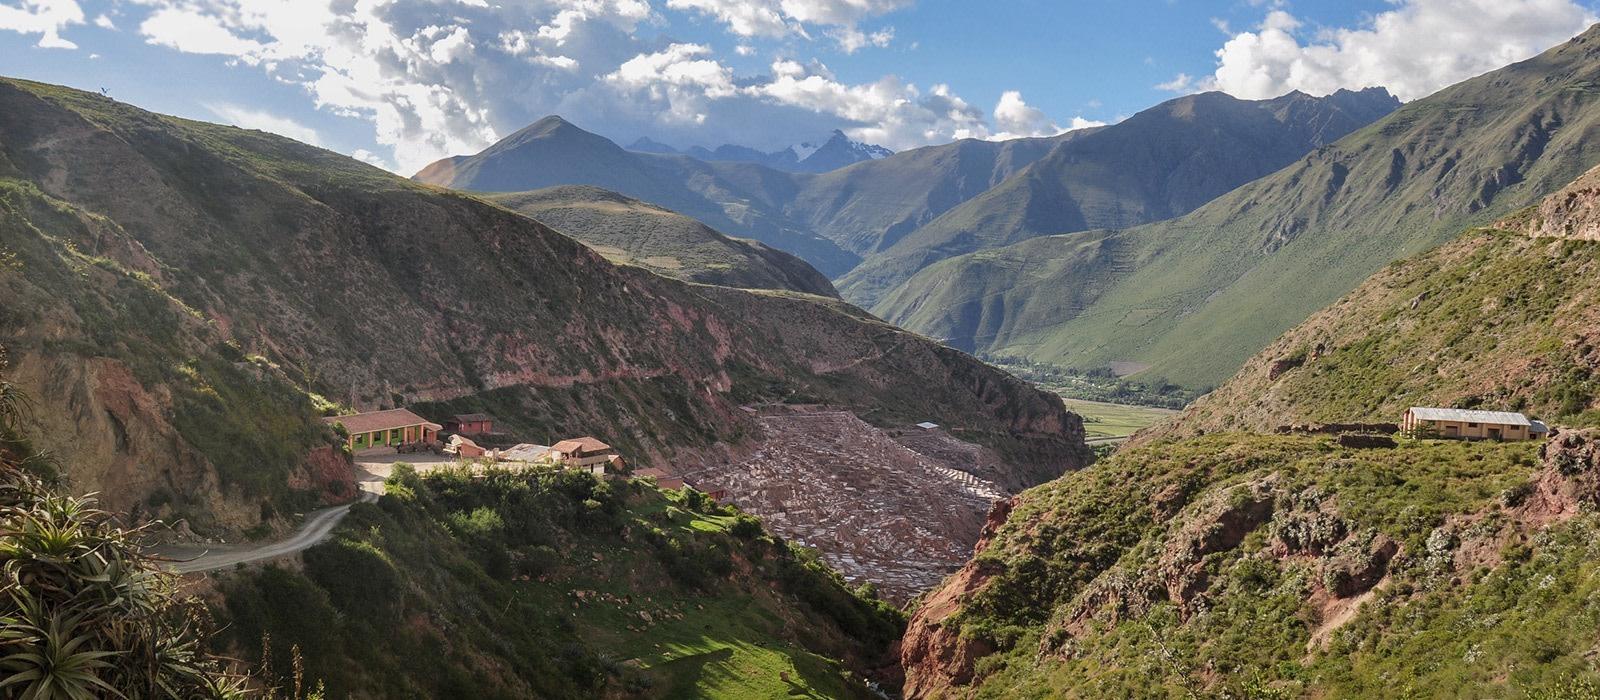 Peru & Galapagos Reise – Natur & Geschichte entdecken Urlaub 1